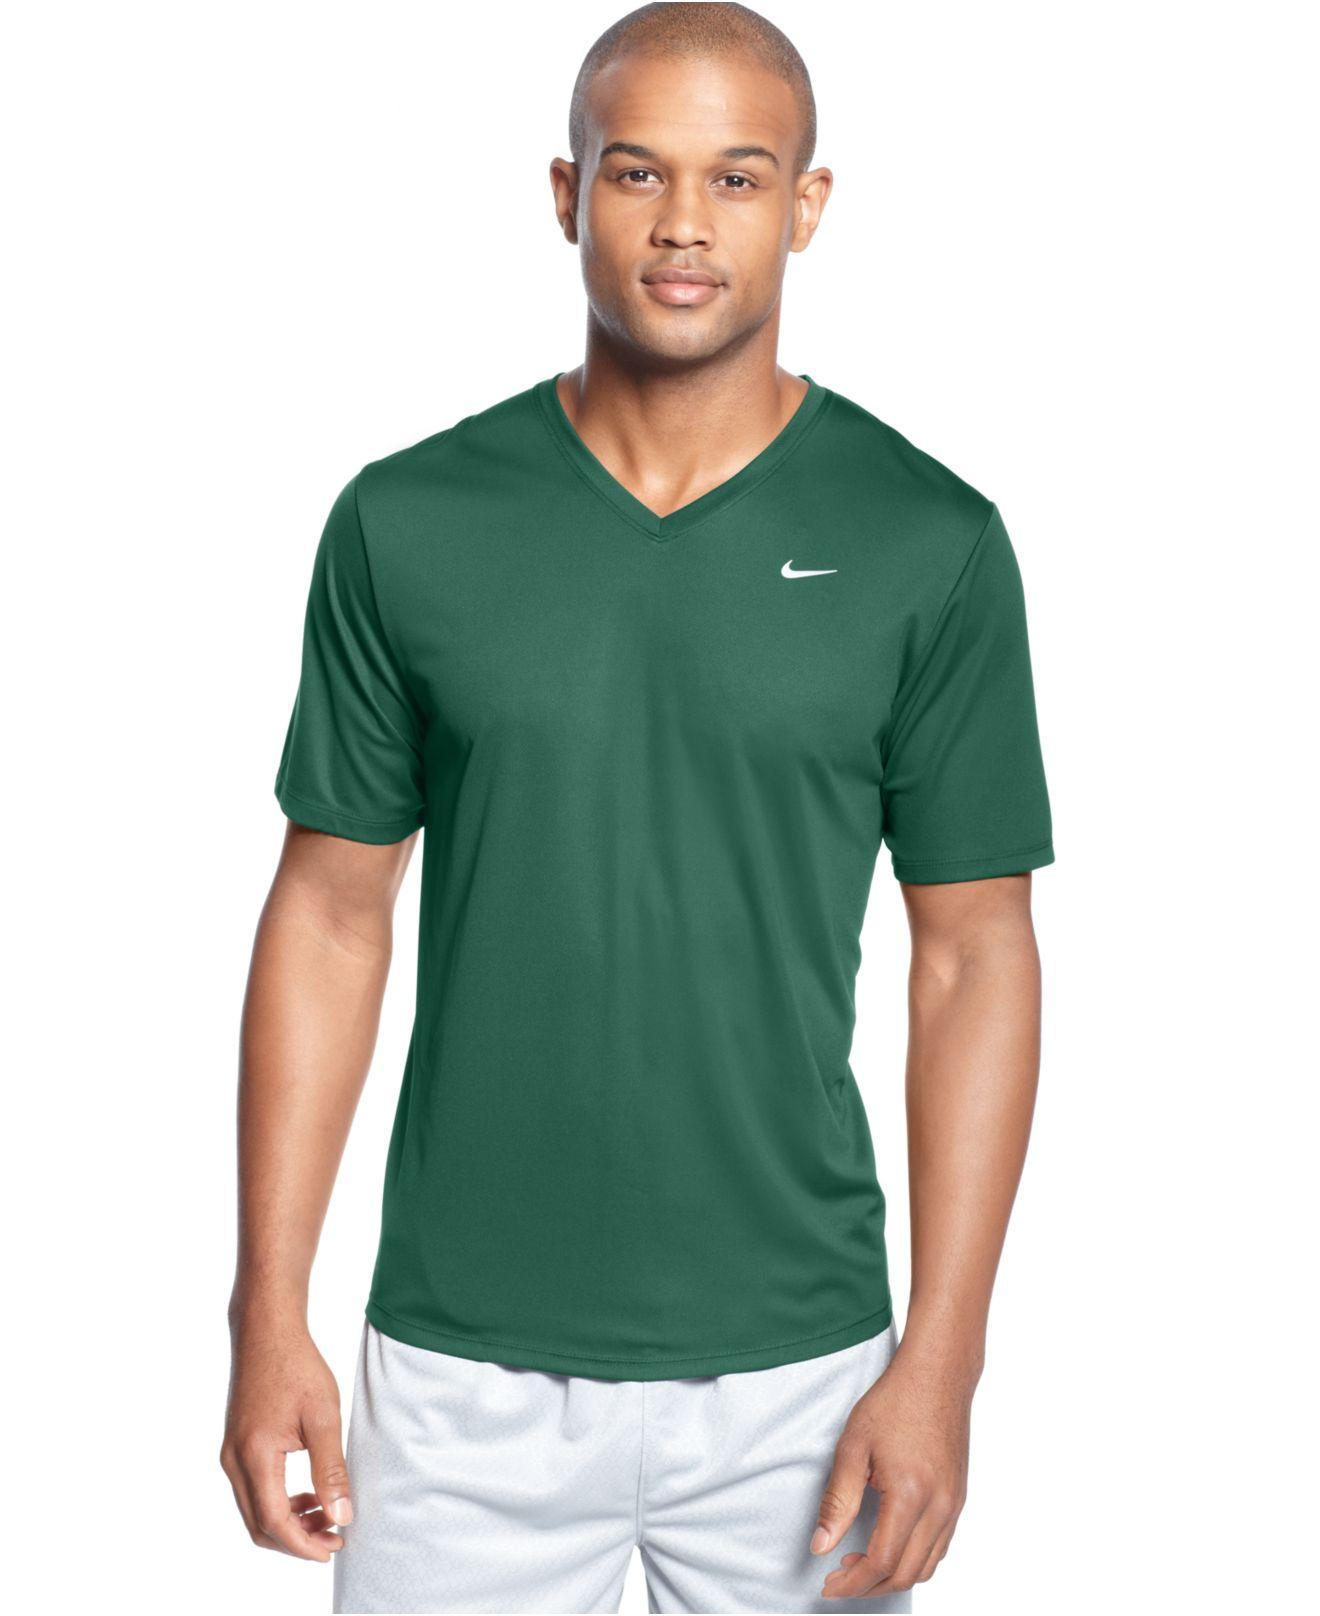 39420f64 Nike Challenger V-Neck T-Shirt in Green for Men - Lyst